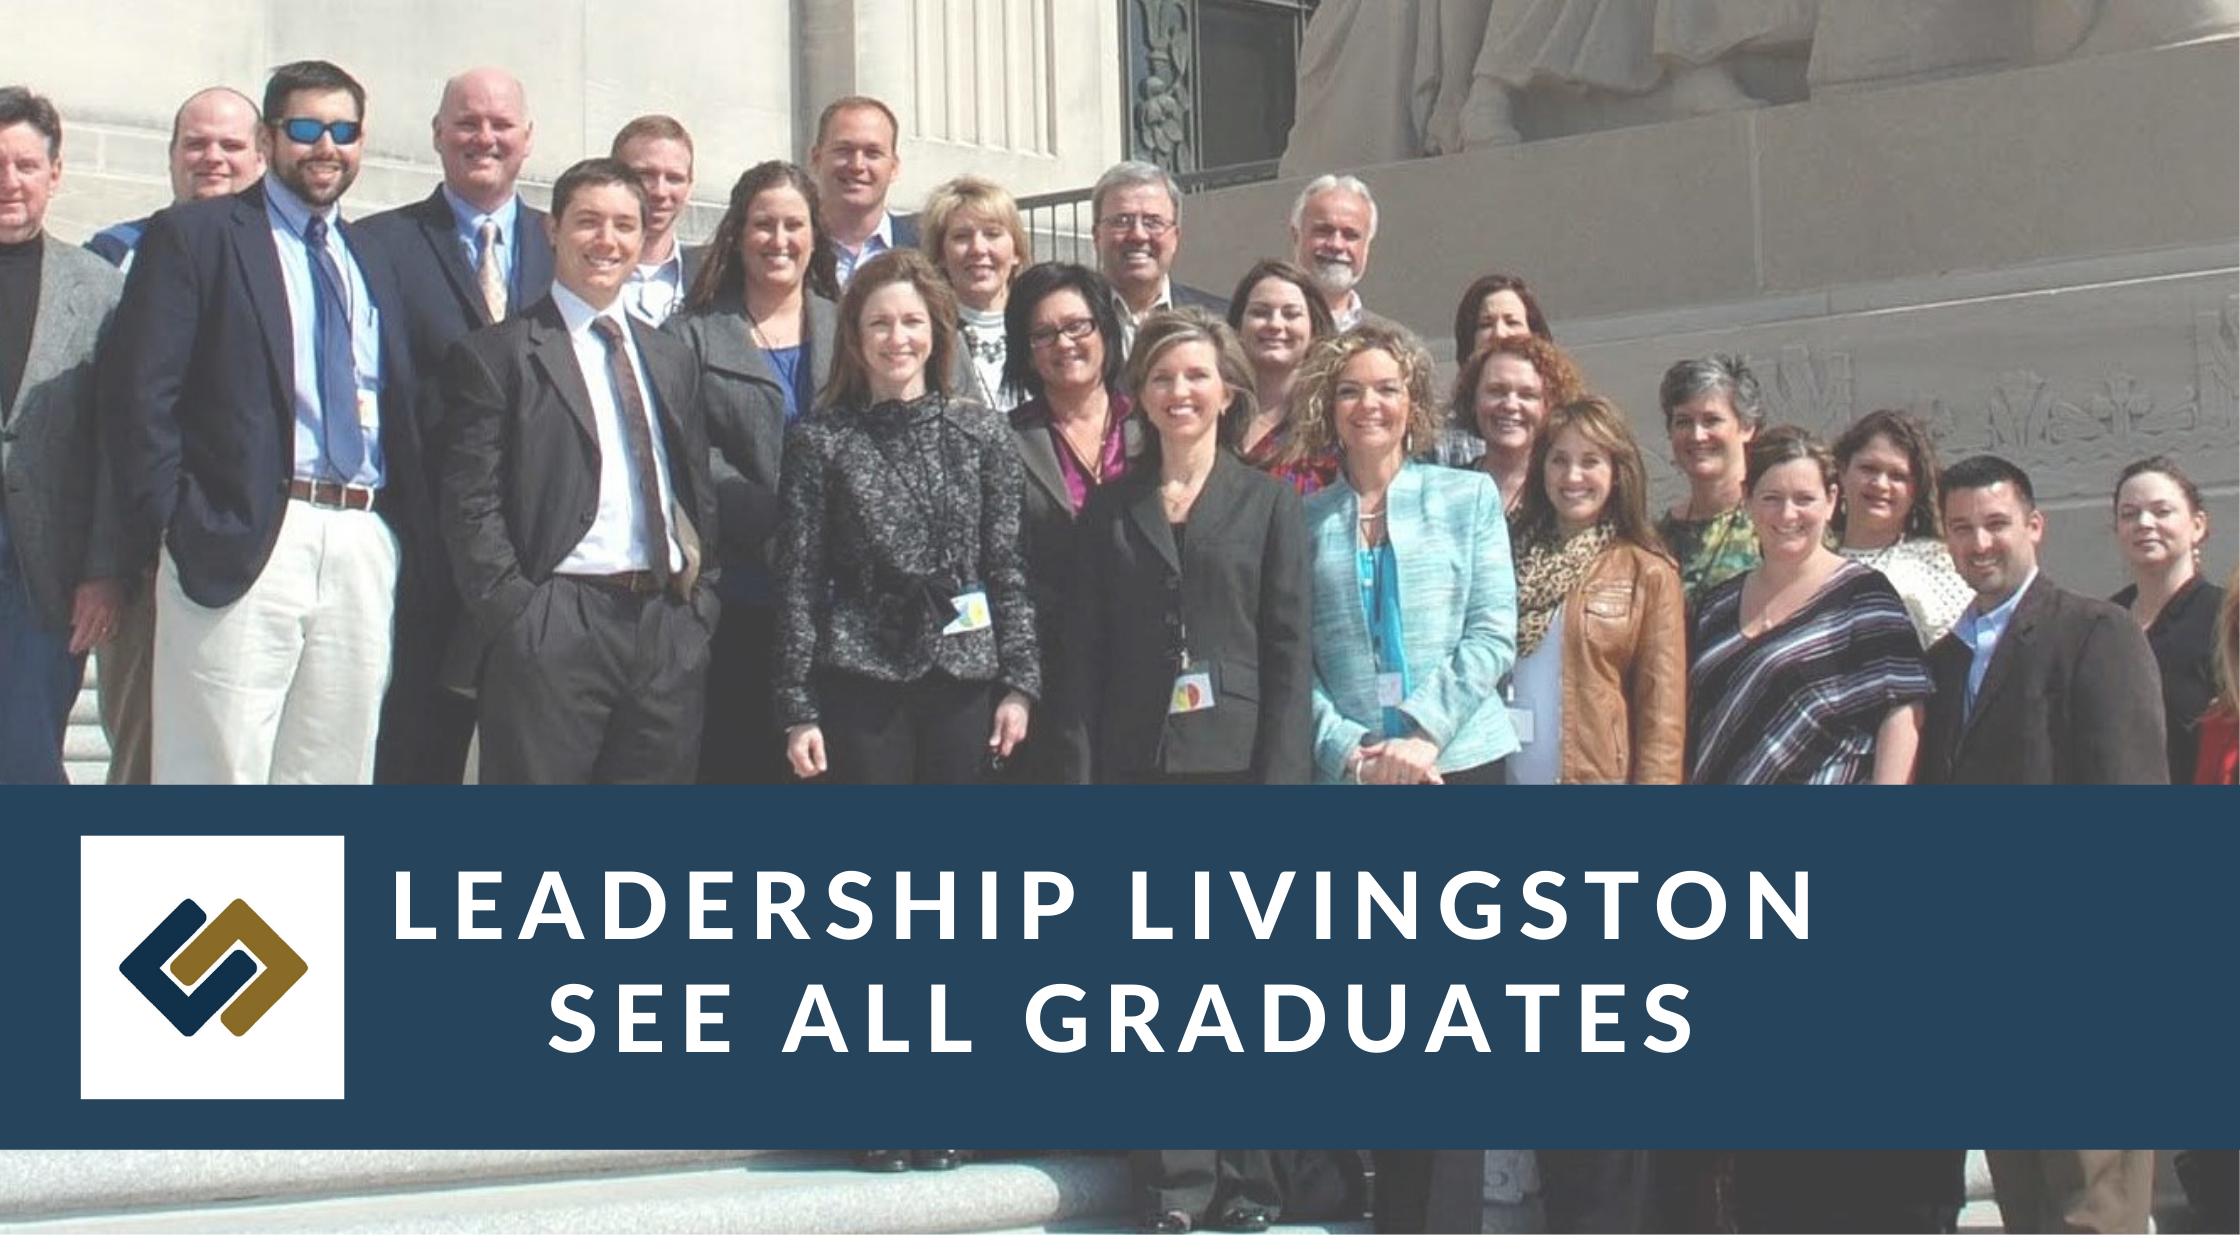 Leadership Livingston Graduates